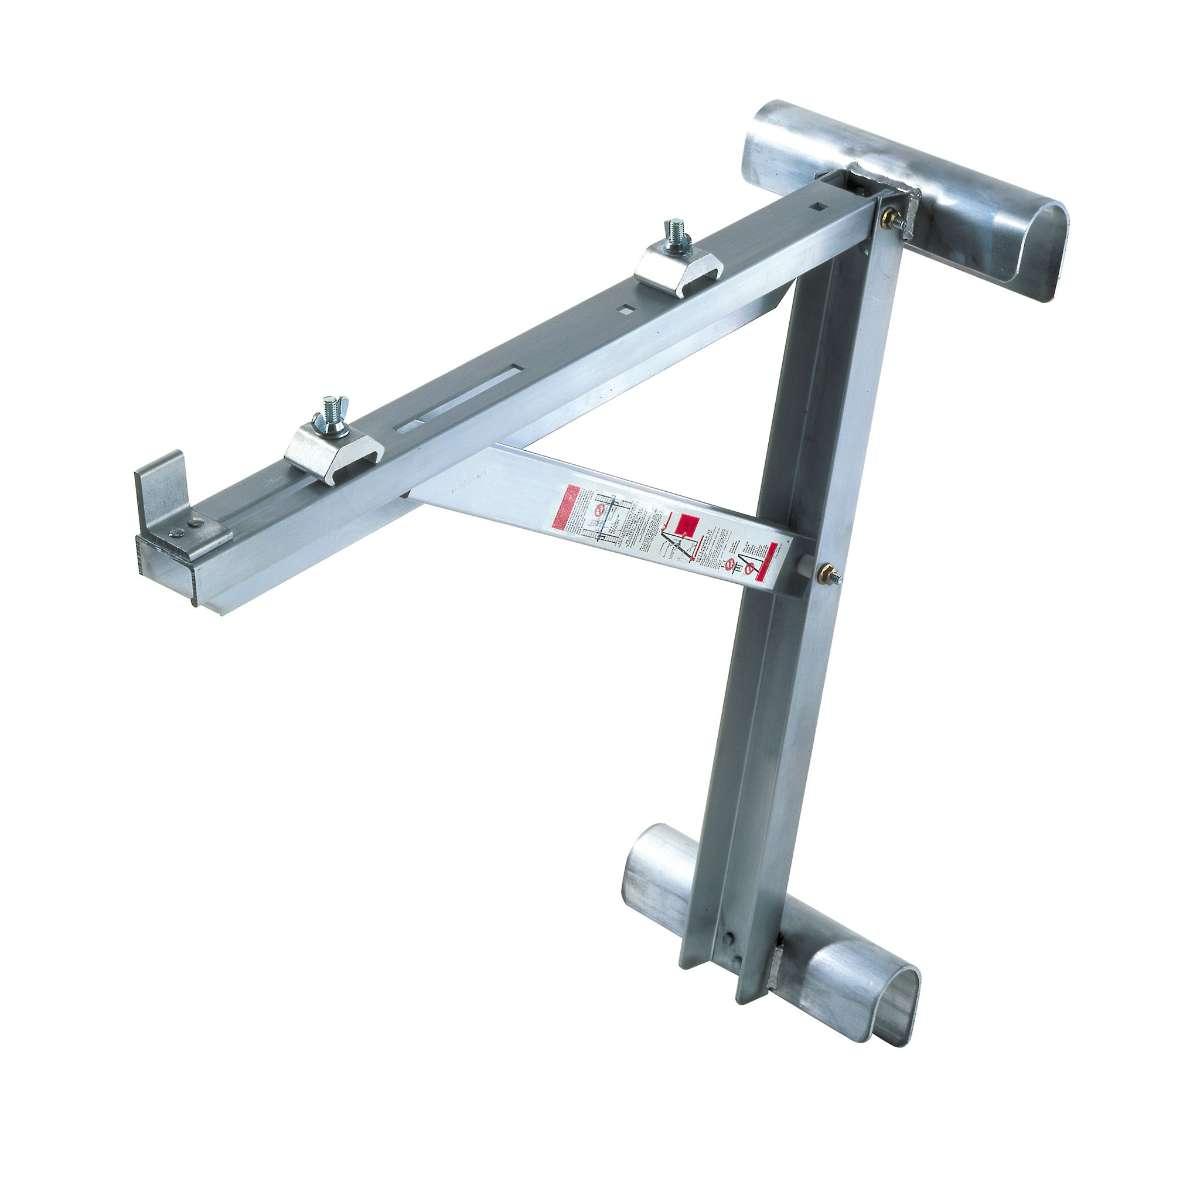 Werner Ladder Jacks for Sale | Ladder Pump Jack Systems